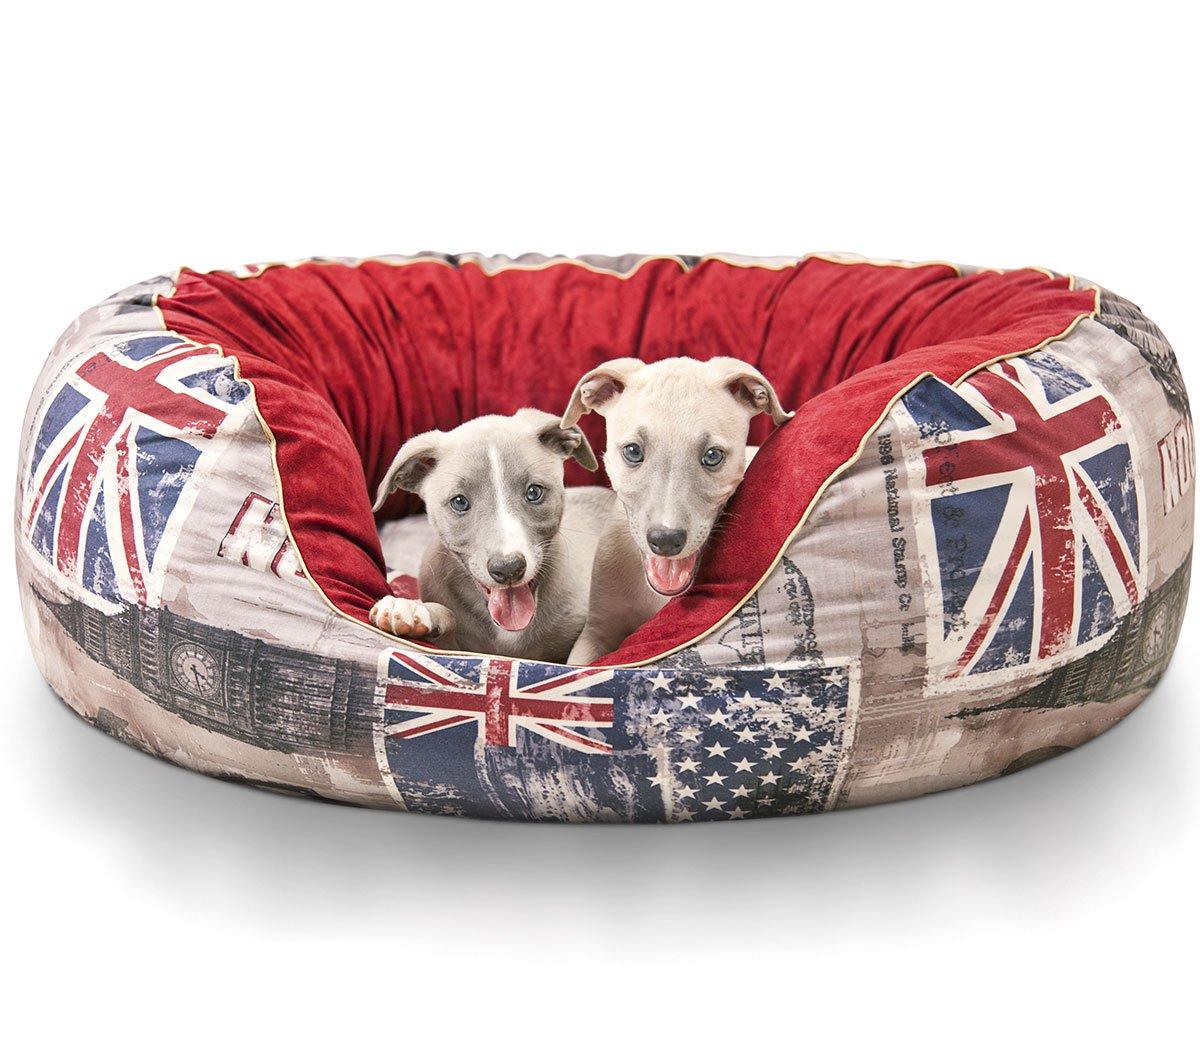 Knuffelwuff panier chien, lit pour chien, coussin, corbeille pour chien Alidho, anglais Union Jack XXL 110 x 95cm AMZALIDOH-2